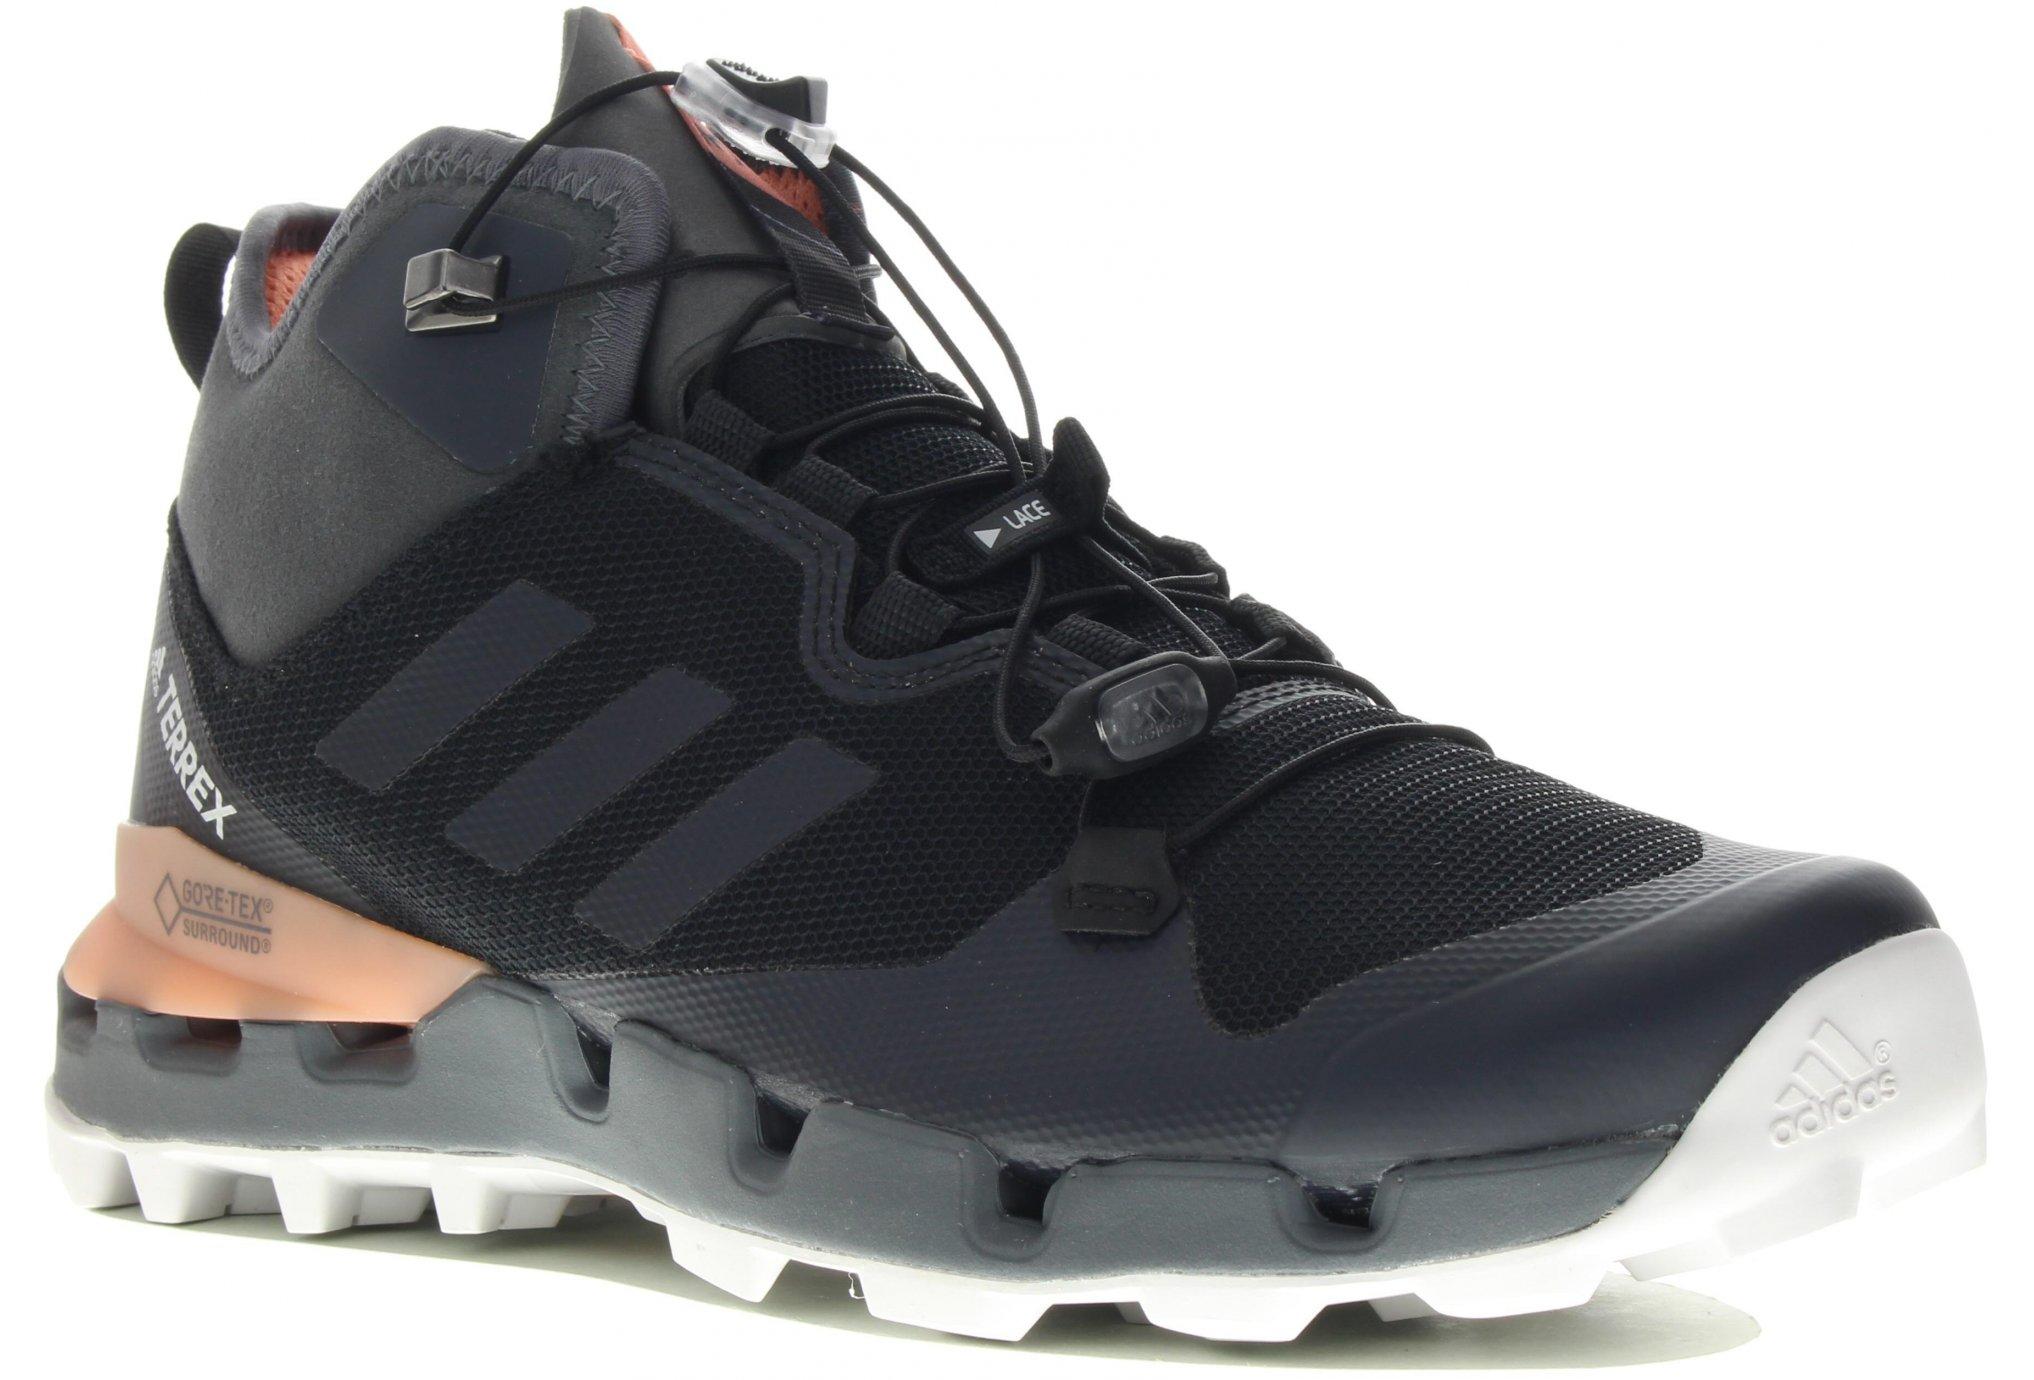 adidas Terrex Fast Mid Gore-Tex-Surround W Chaussures running femme